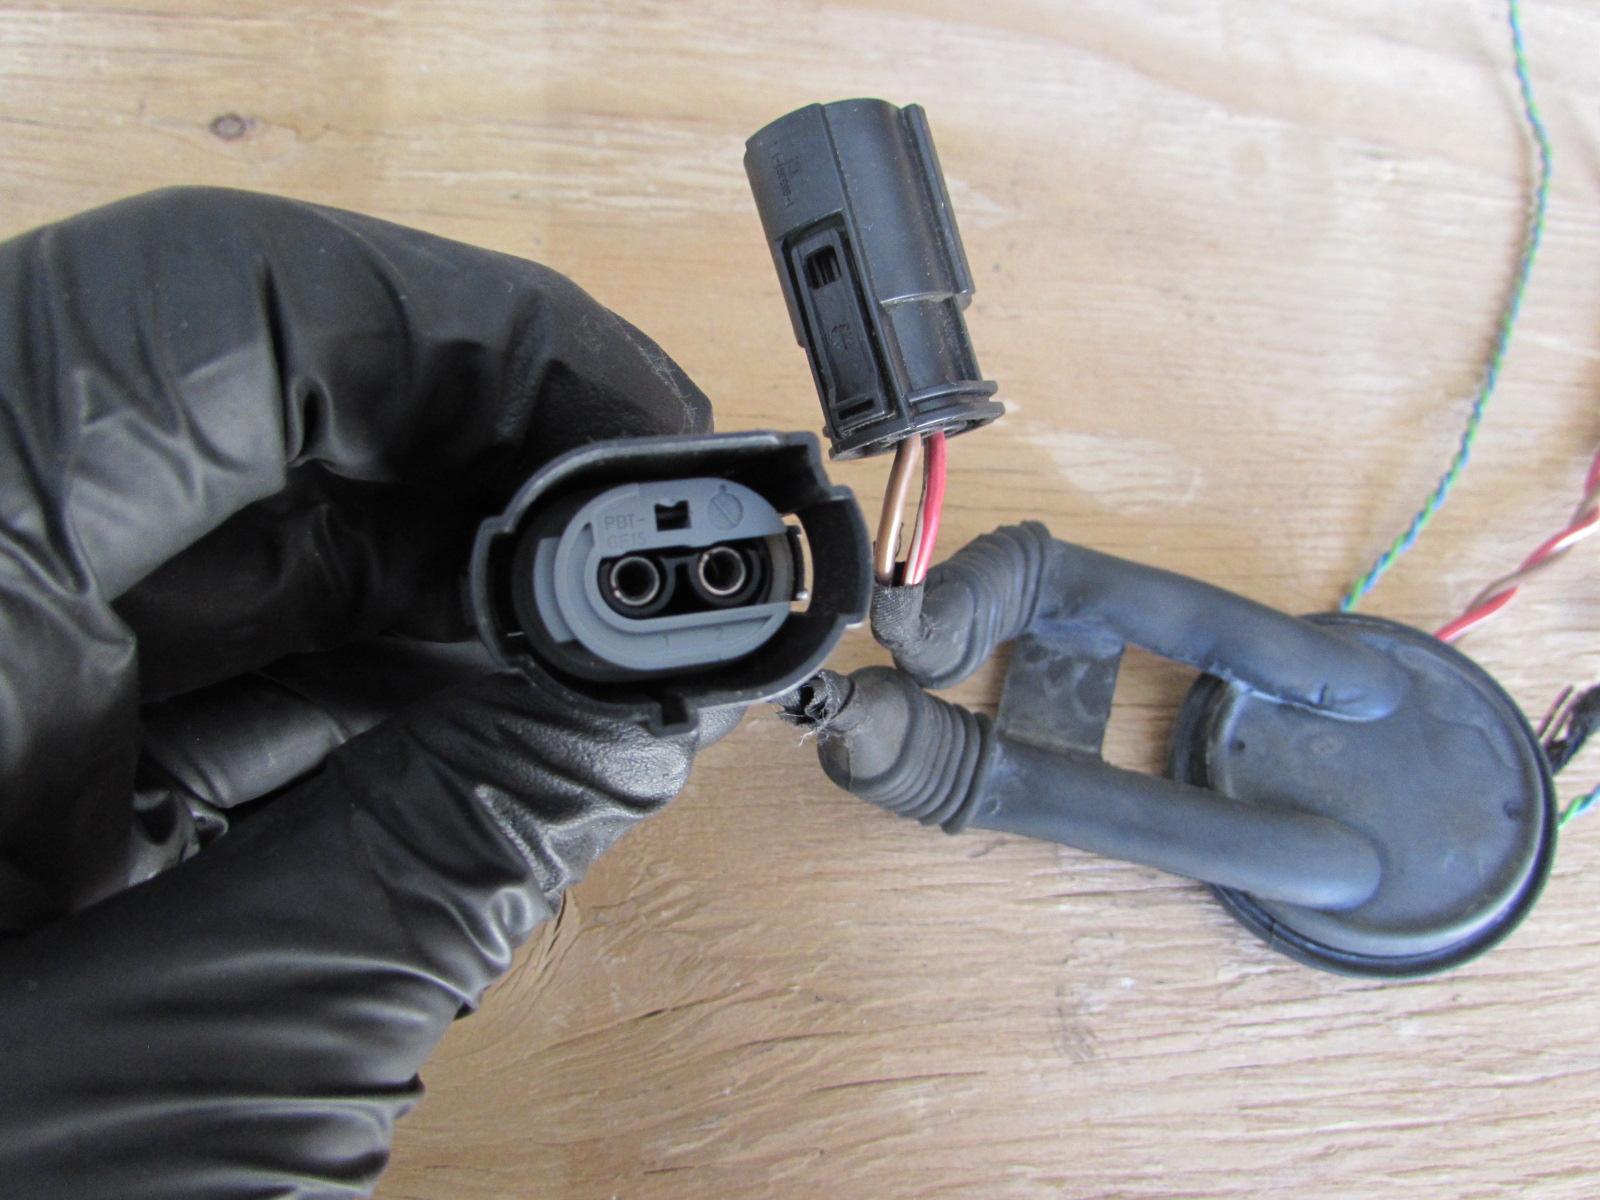 Bmw Fuel Pump Connectors 61138352382 E90 323i 325i 328i 330i 335i Coupe E82 128i 135i E84 X12